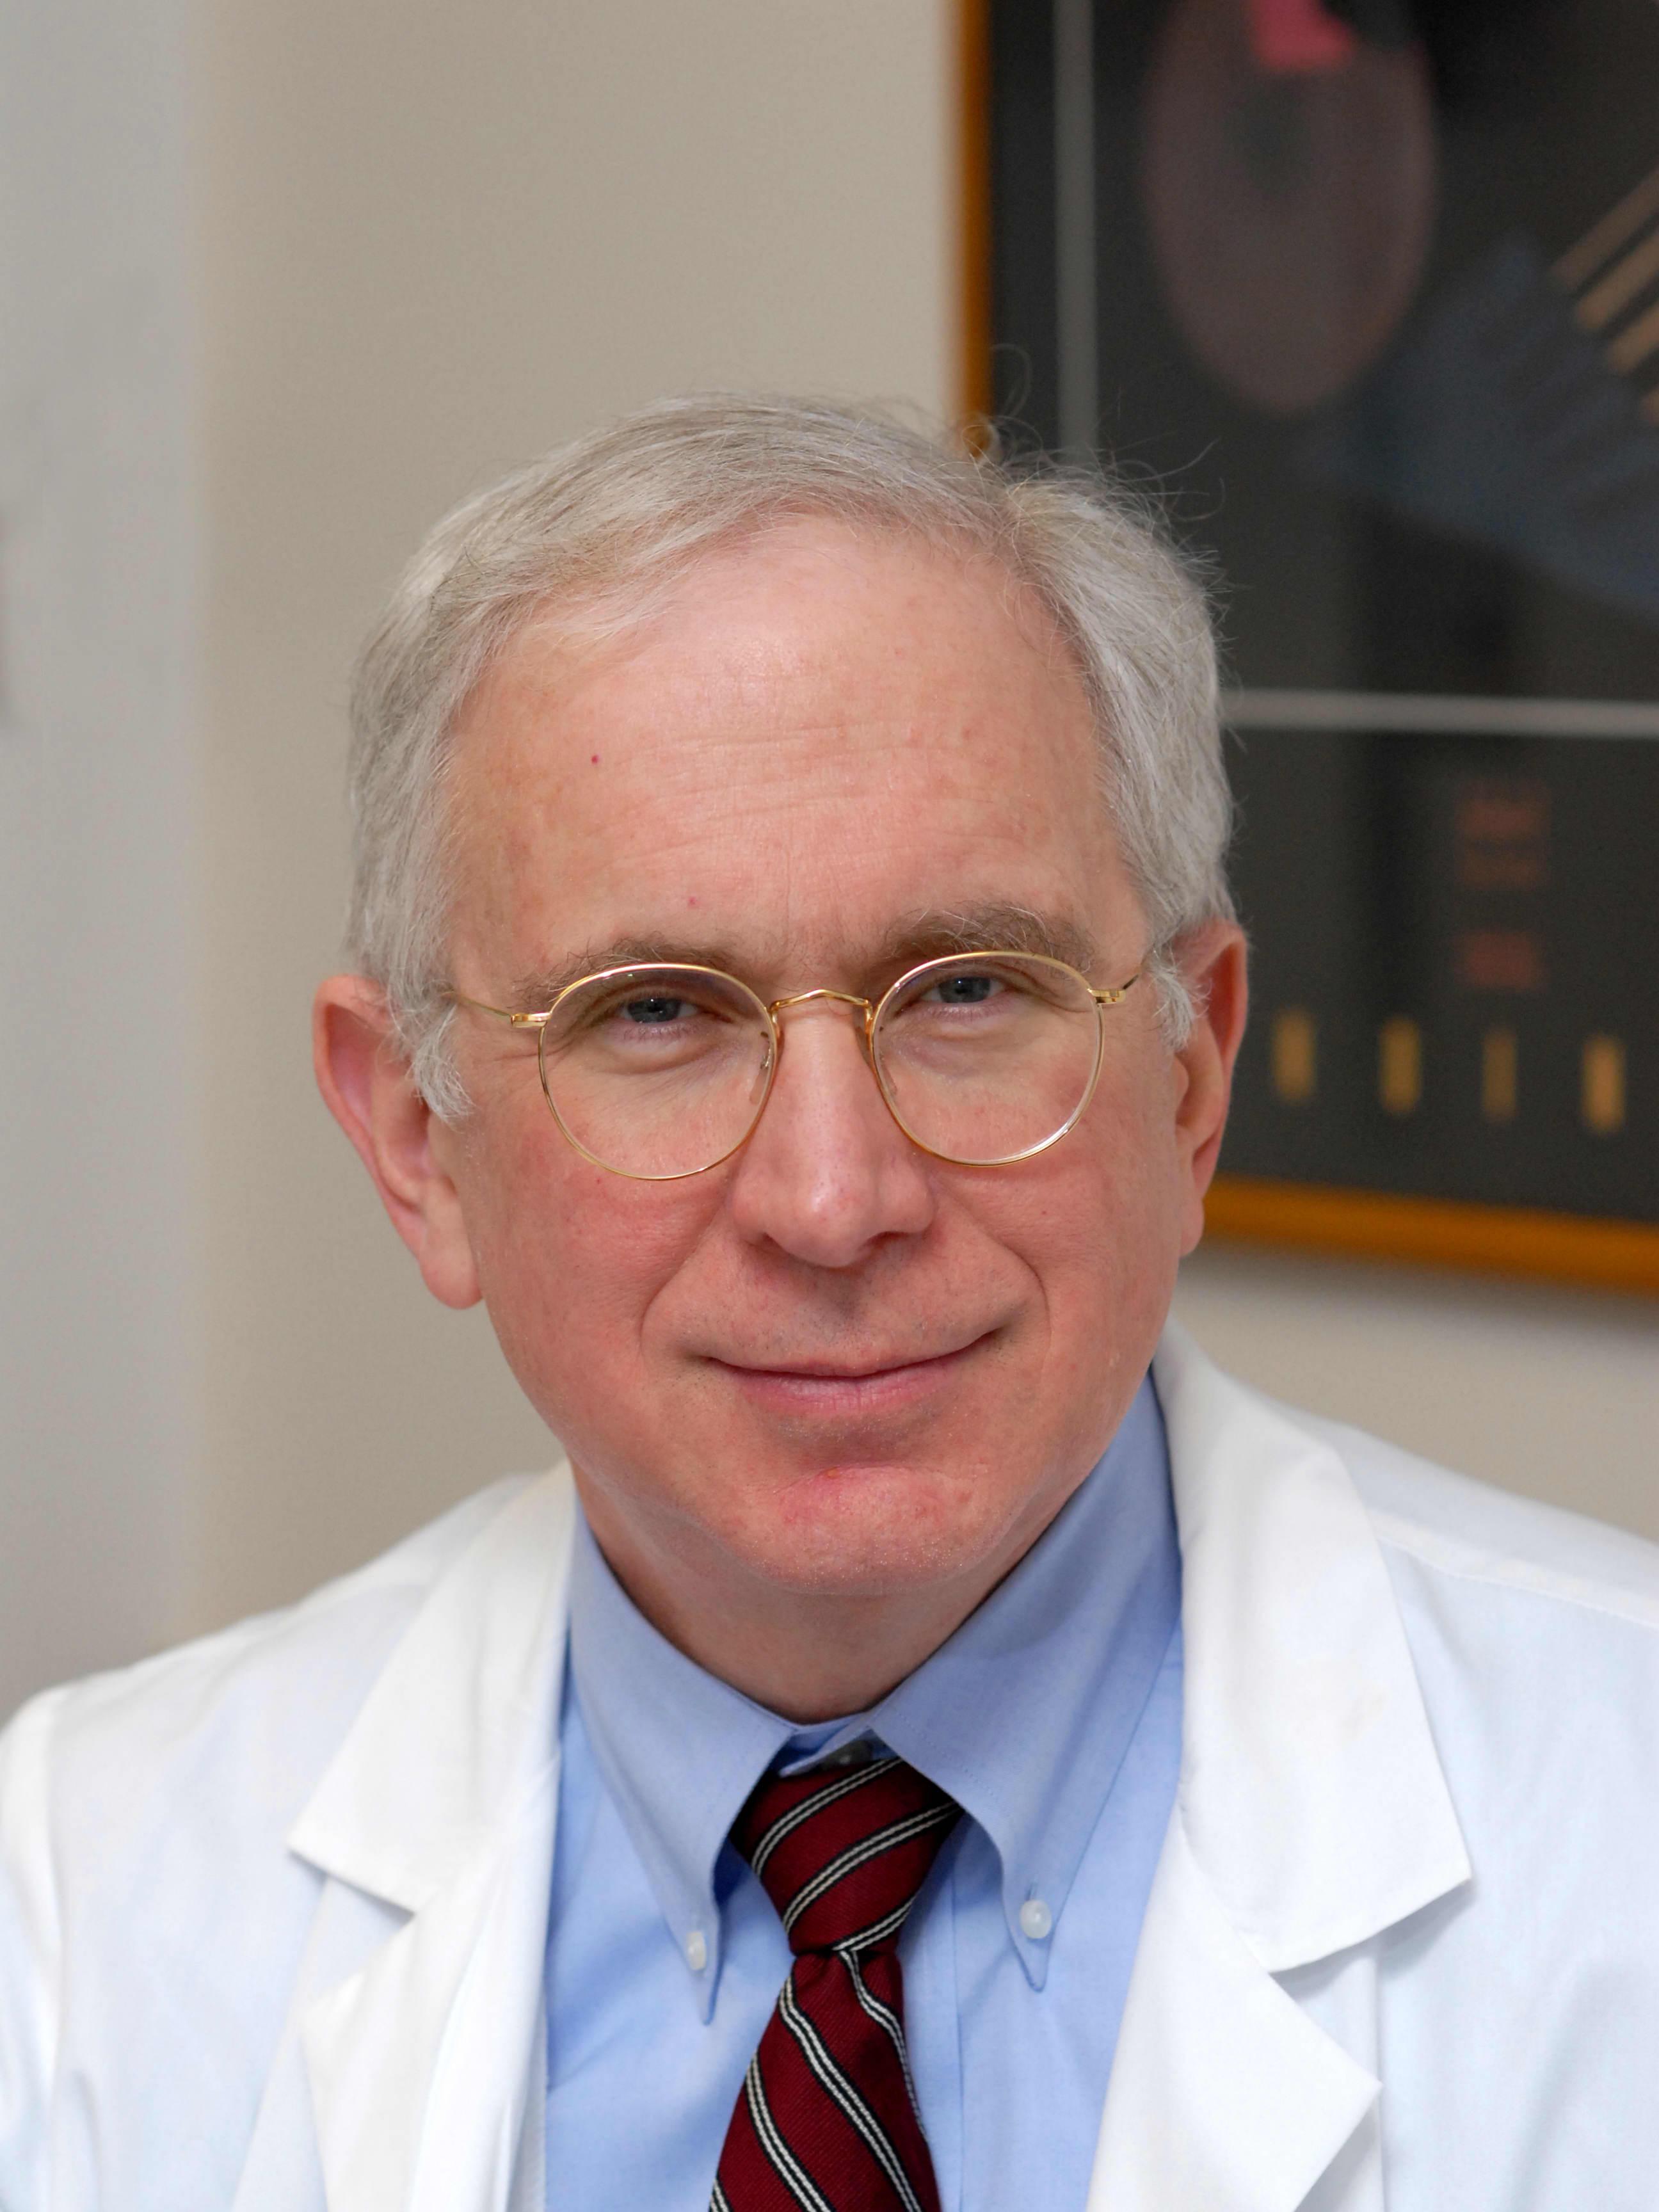 Stanley Rosenbaum